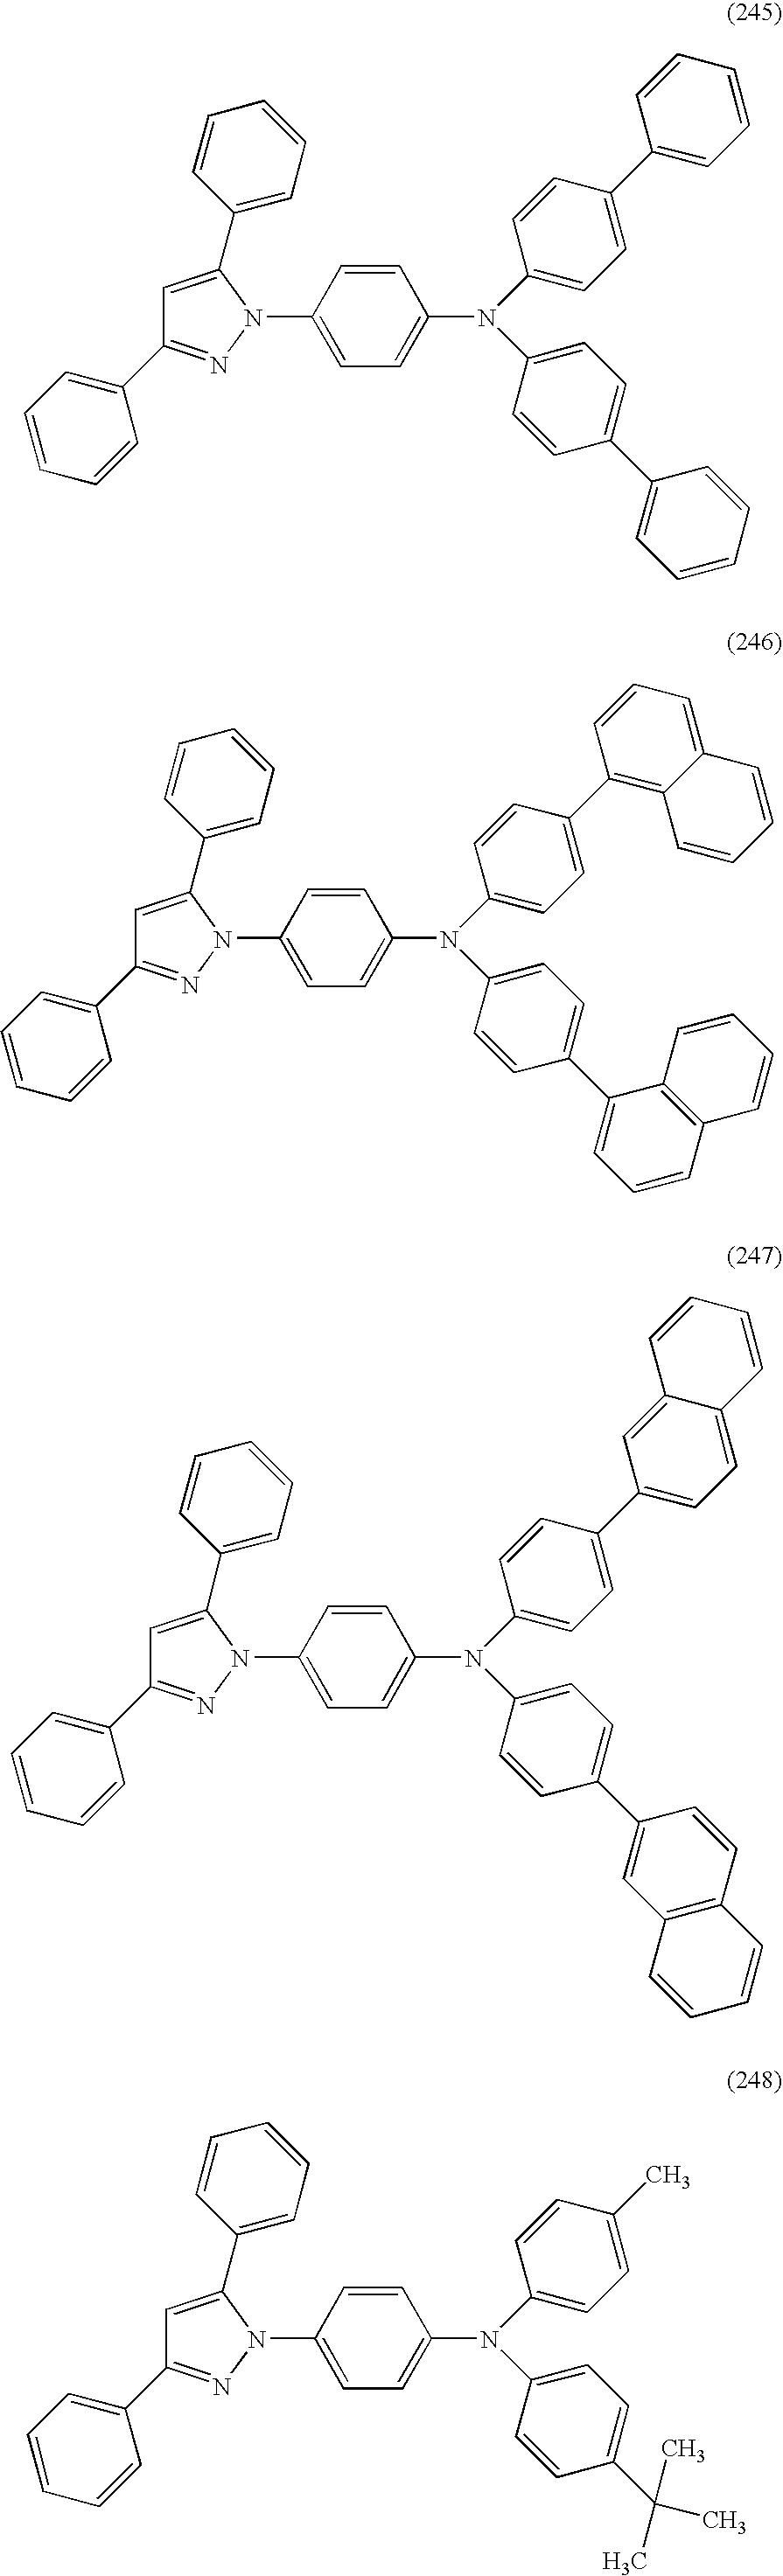 Figure US08551625-20131008-C00082